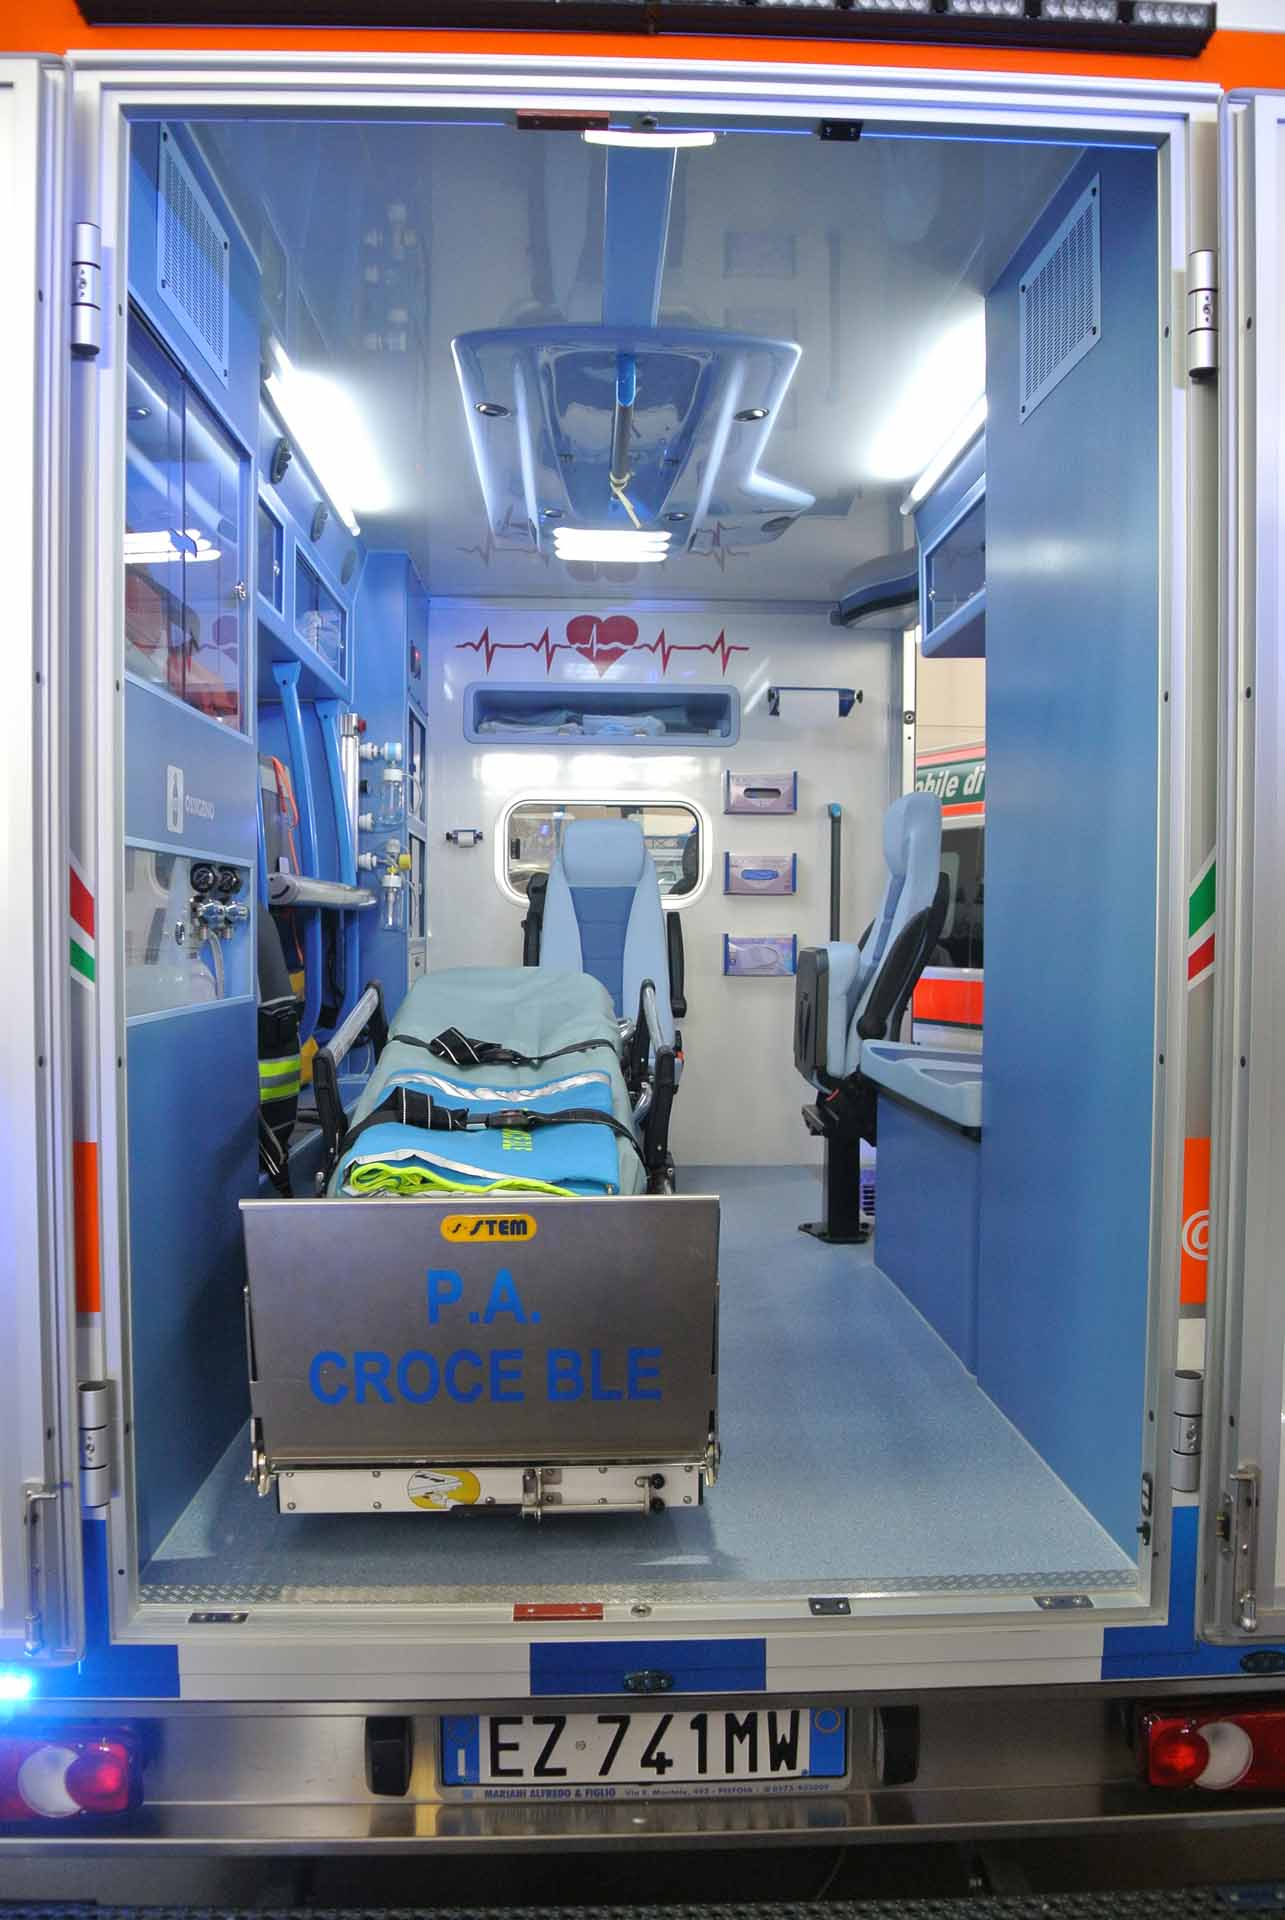 Emergencia en vivo | MAF Special Vehicles, ambulancias para todos los servicios de EMS en Europa image 20